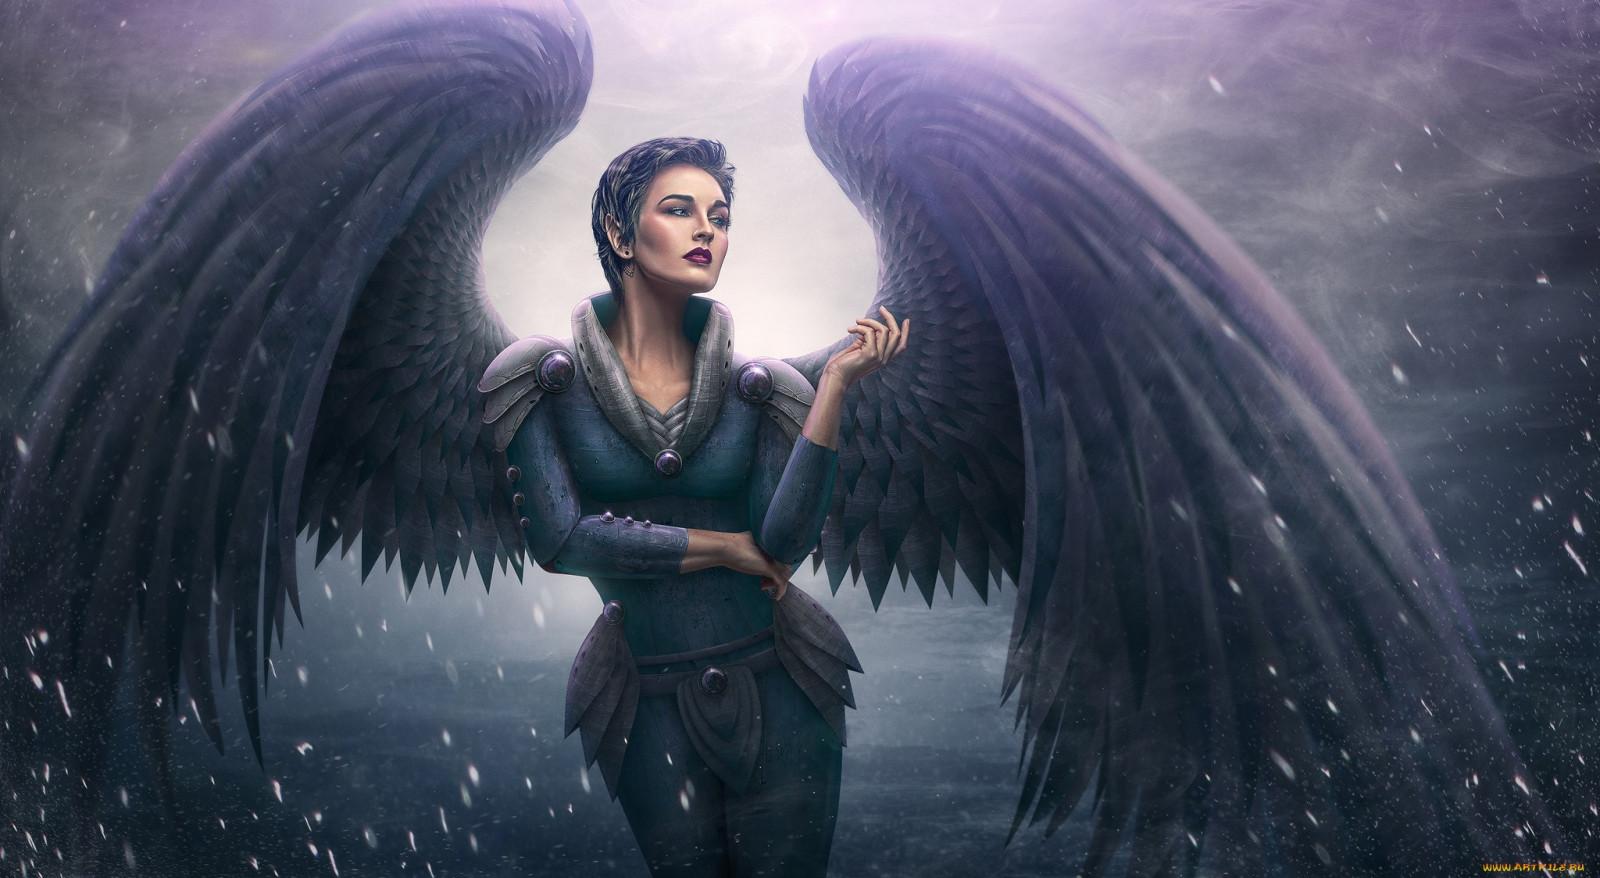 Днем объятий, картинки черный ангел красивые